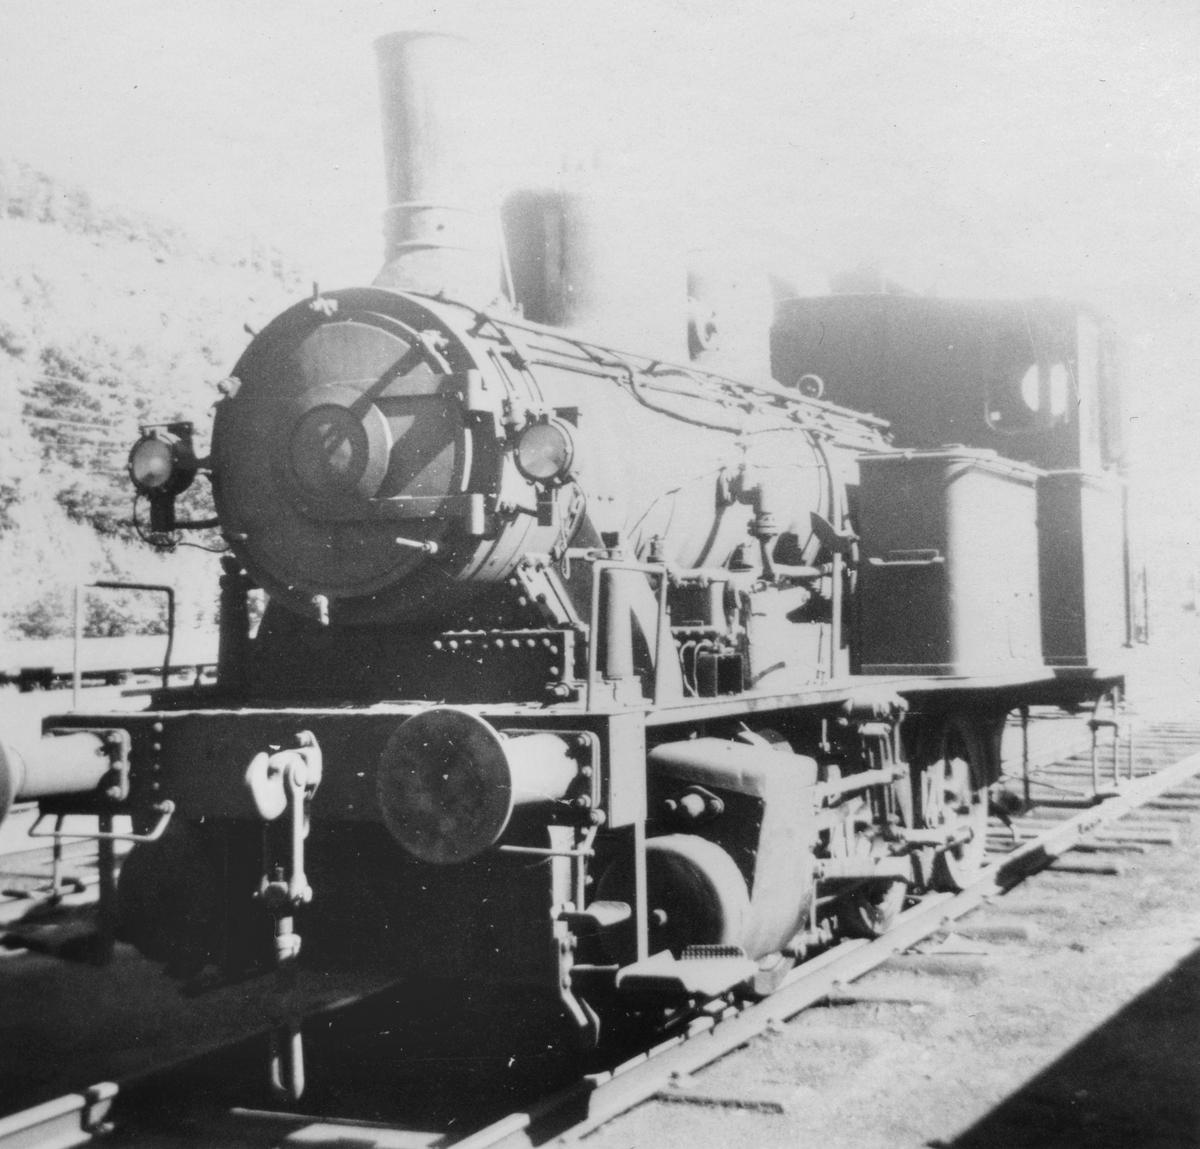 Damplokomotiv type 25a 307 hensatt på Krossen ved Kristiansand. Damplokomotiver ble erstattet av diesellokomotiver i skiftetjenesten.